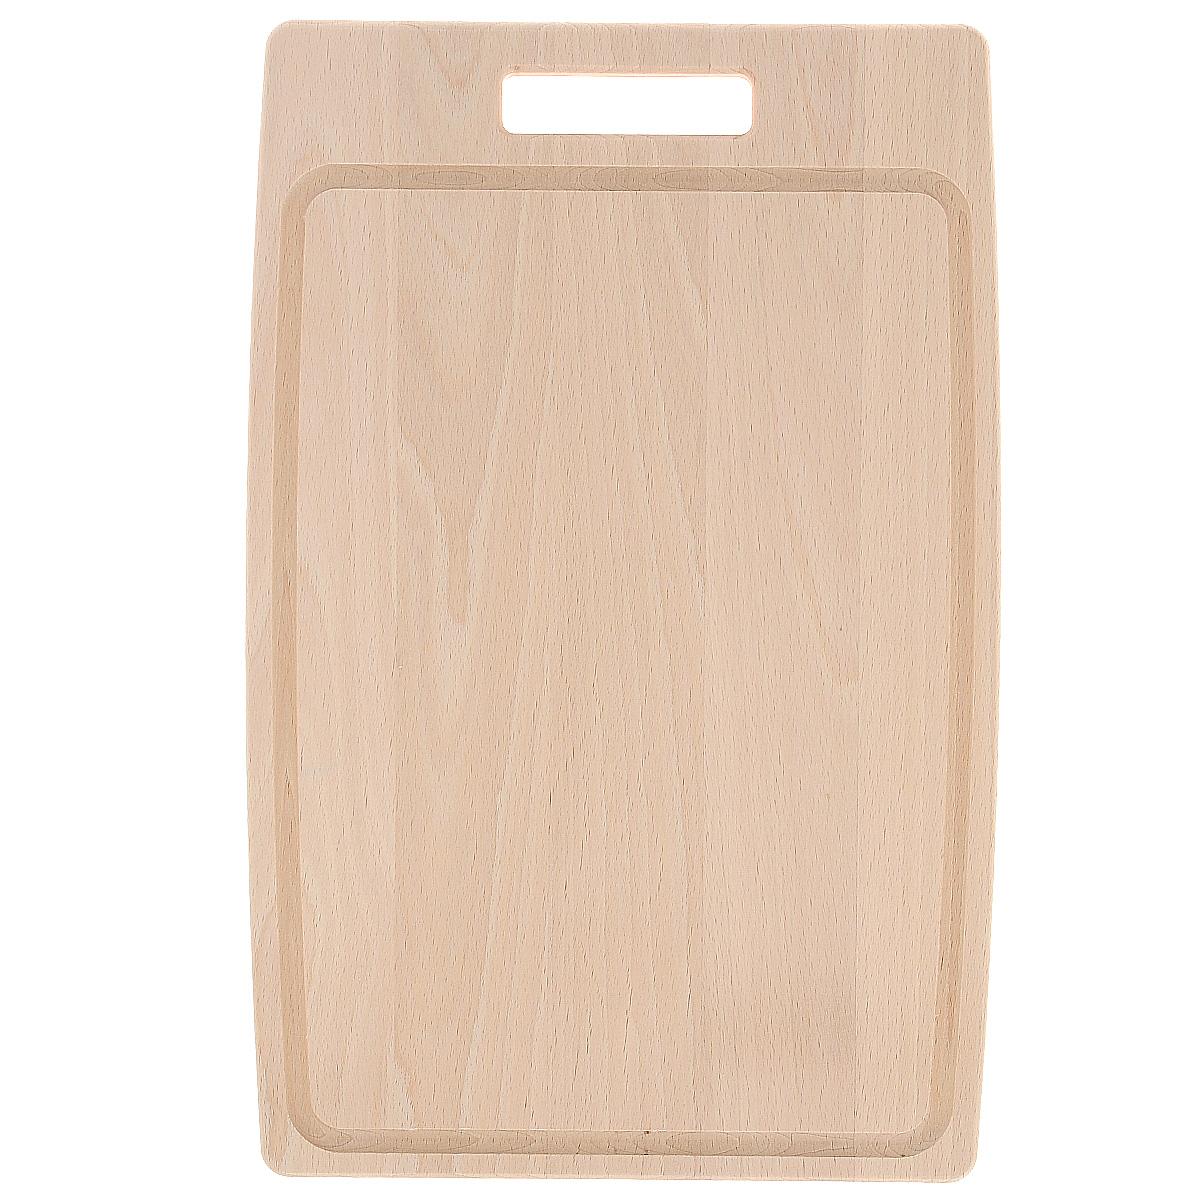 Доска разделочная Tescoma Home Profi, 36 х 24 см391602Прямоугольная разделочная доска Tescoma Home Profi изготовлена из высококачественной древесины бука. Бук - это особо прочный материал, который прослужит вам долгие годы. Доска оснащена удобной ручкой.Функциональная и простая в использовании, разделочная доска Tescoma Home Profi прекрасно впишется в интерьер любой кухни. Не мыть в посудомоечной машине.